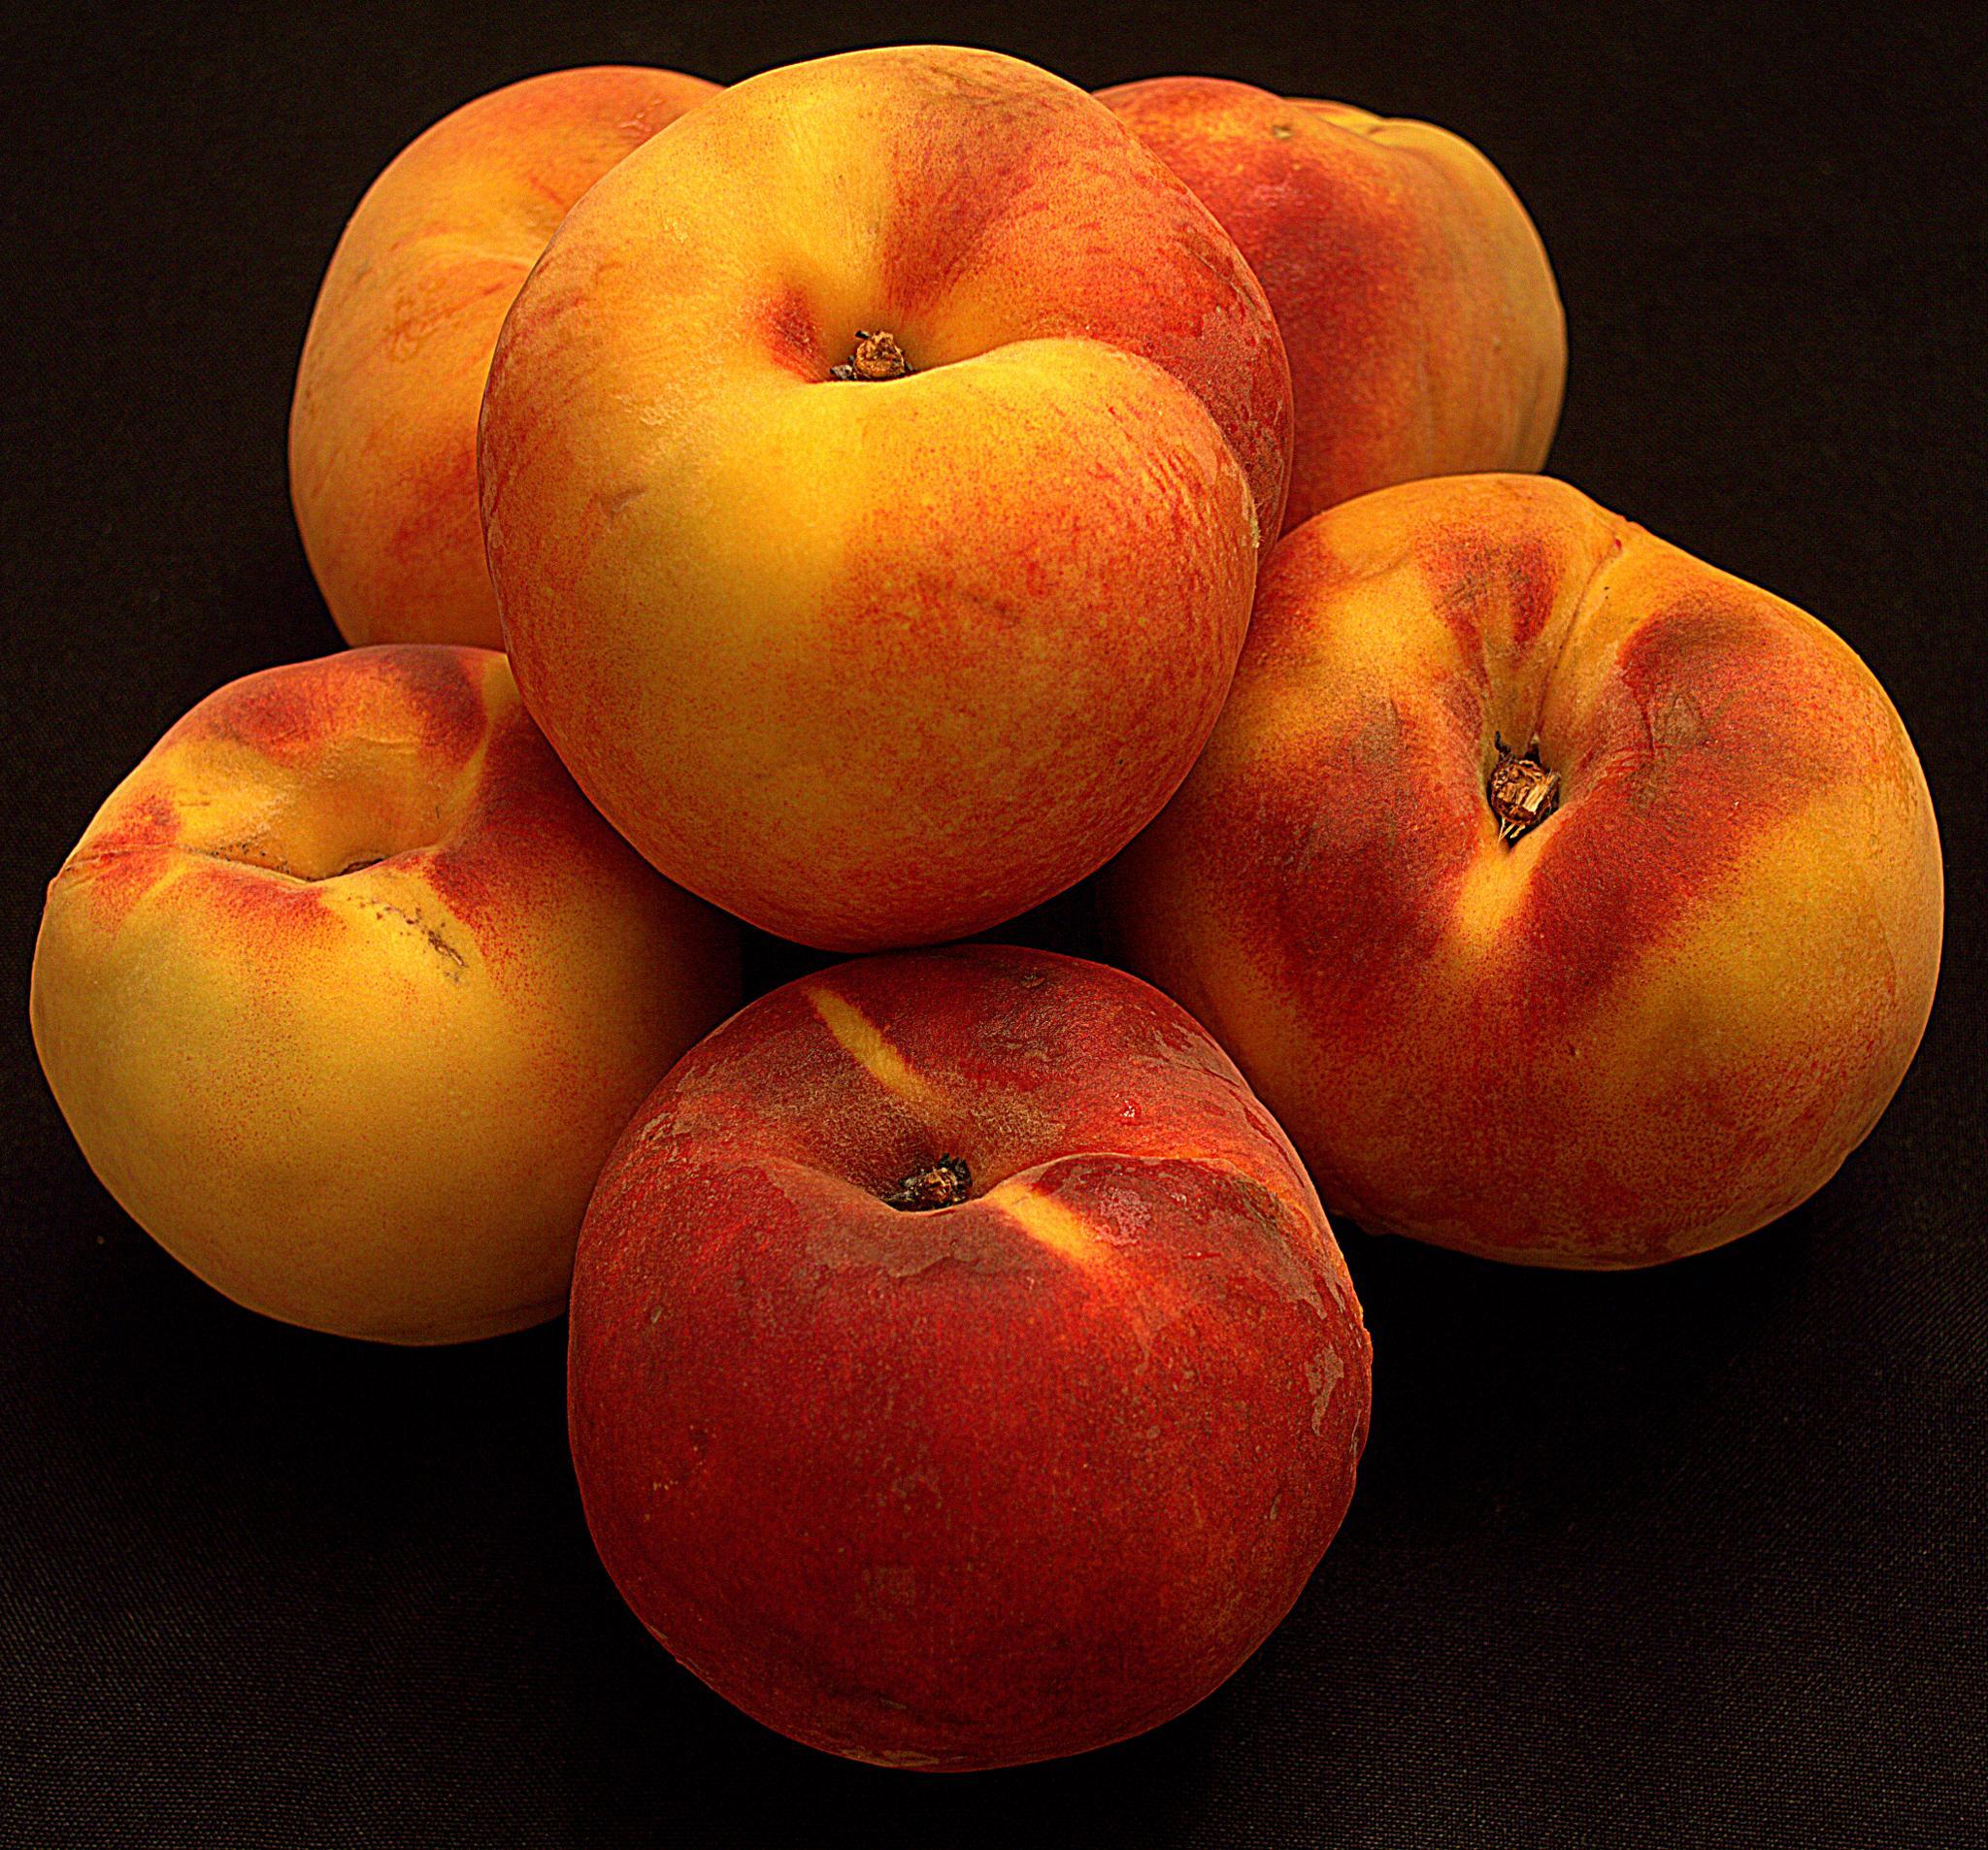 Image of peaches. by Andrew Piekut